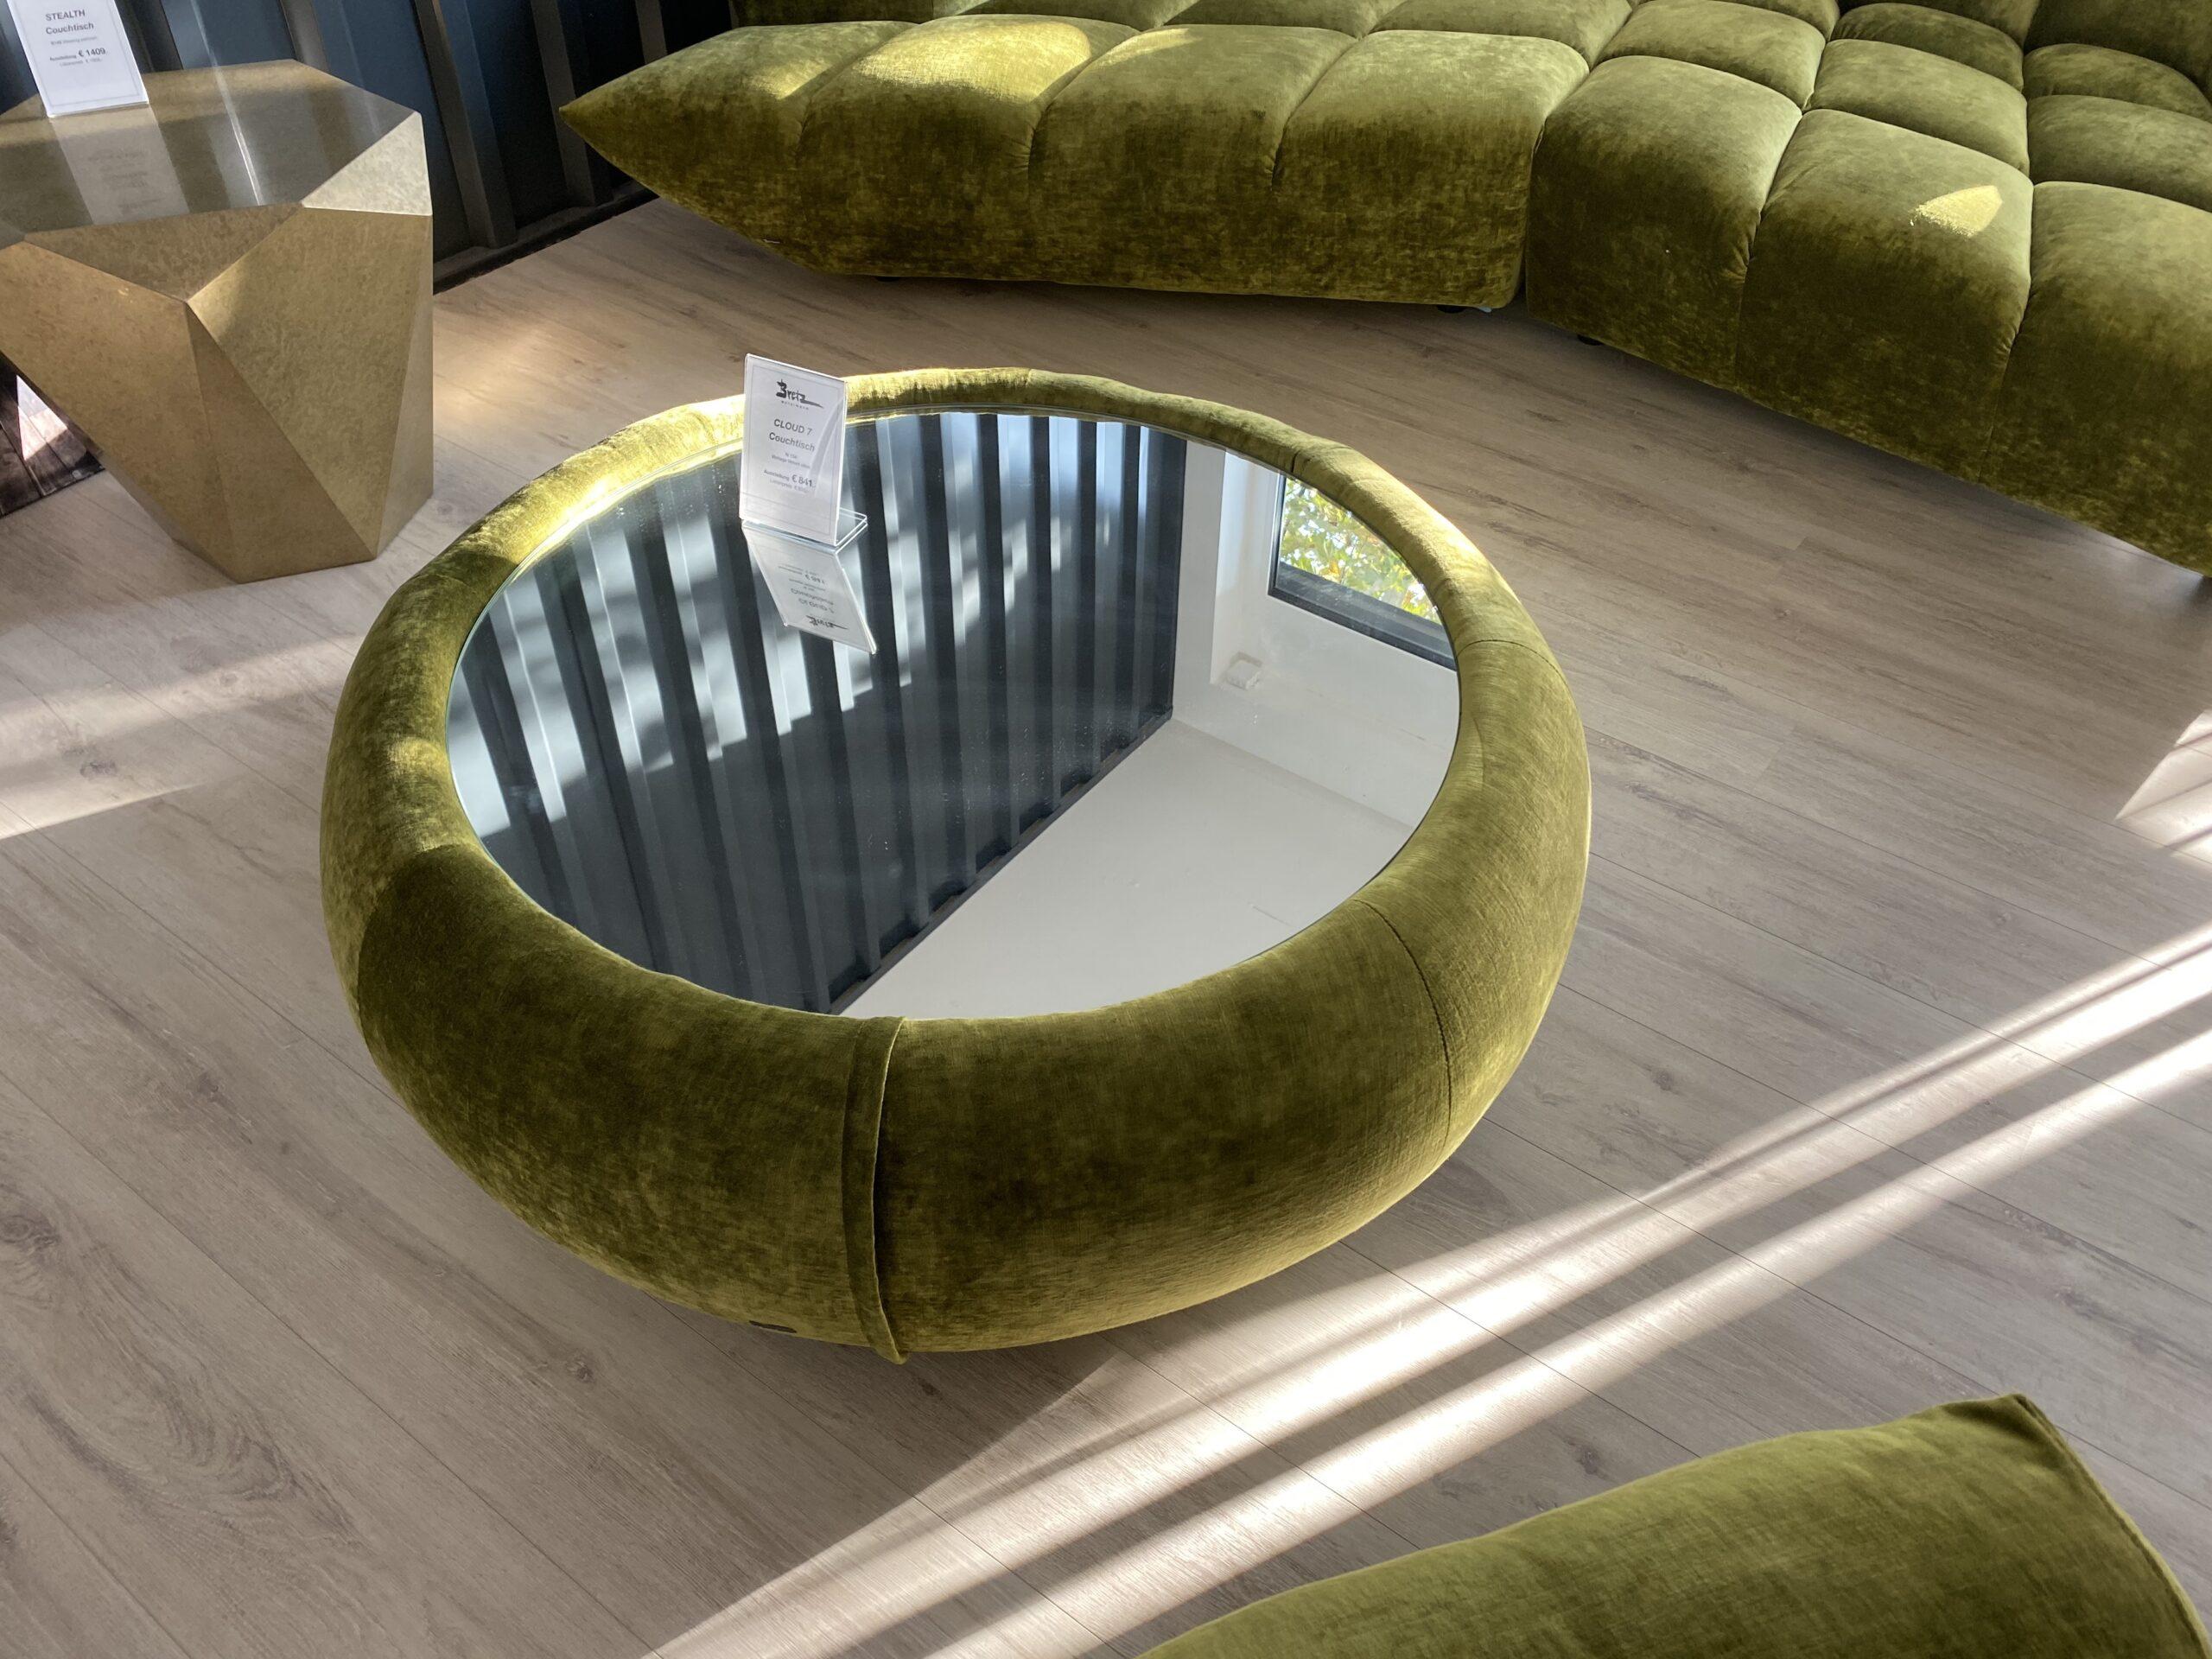 Full Size of Bretz Cloud 7 N154 Tisch Ausstellungsstck Sofa Lounge Freistil Bett Ausstellungsstück Küche Wohnzimmer Freistil Ausstellungsstück